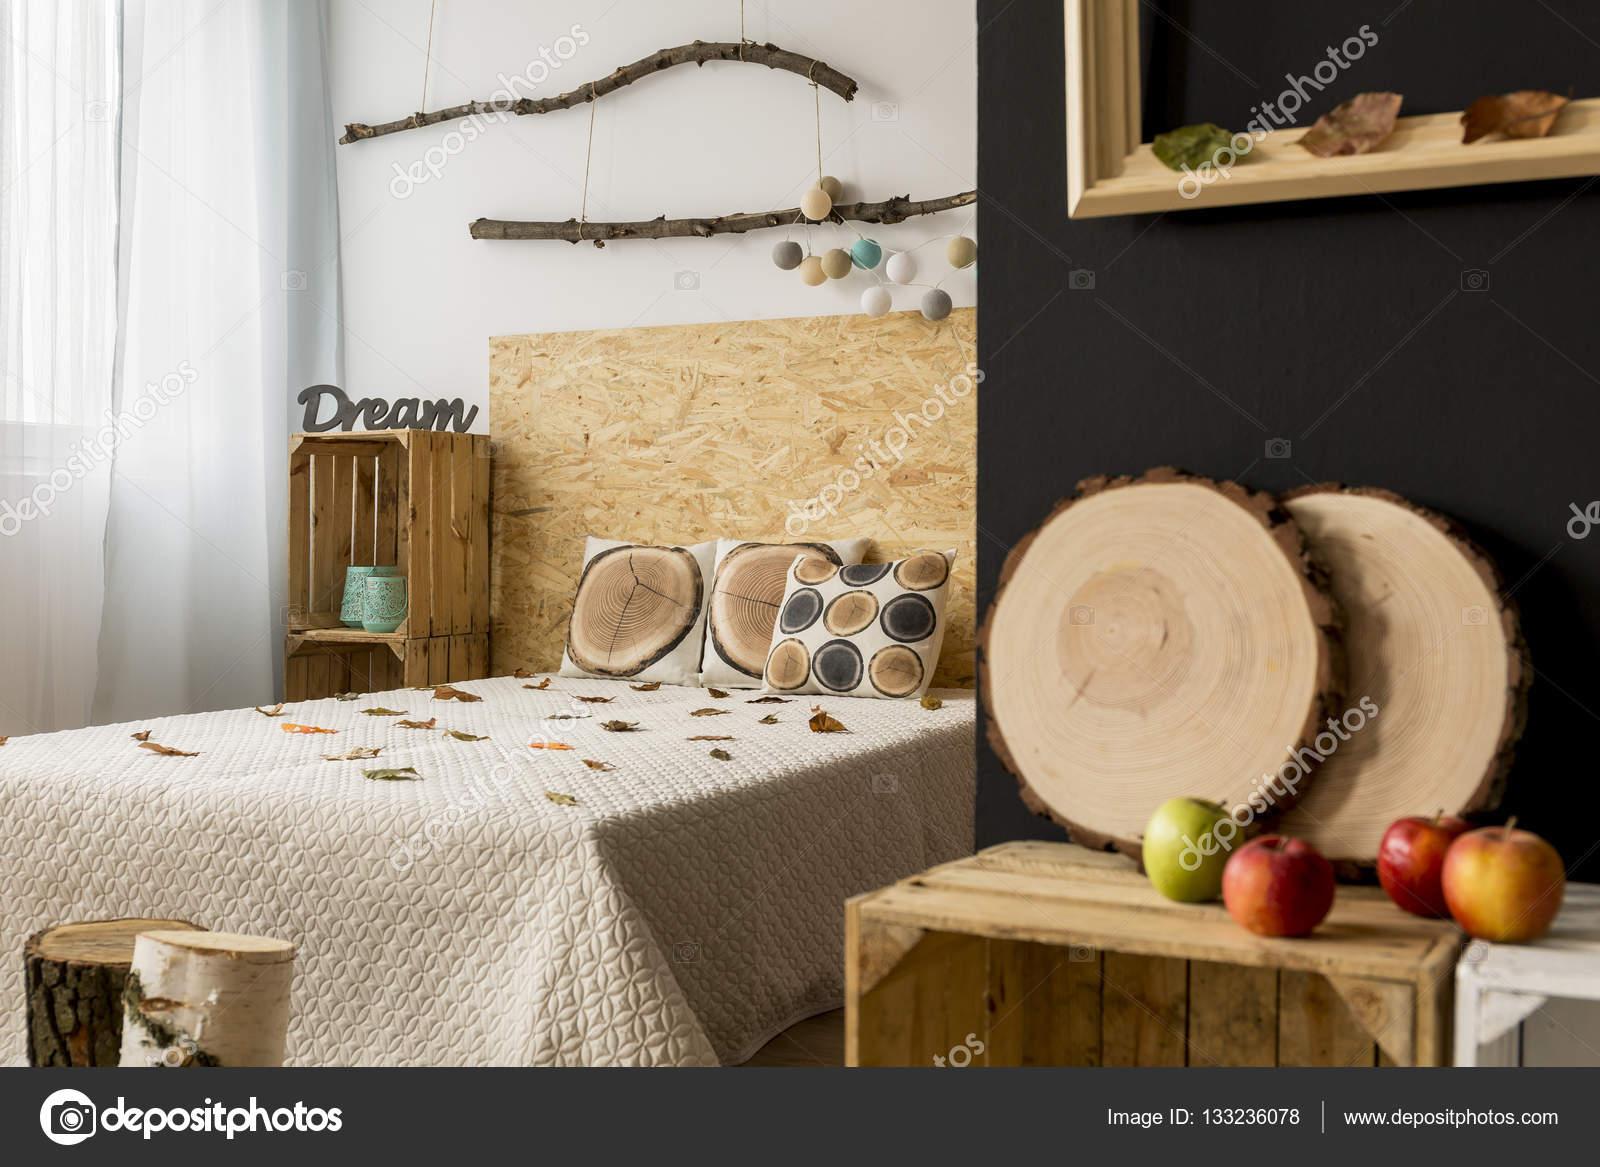 Diy Slaapkamer Decoratie : Herfst decoratie in een slaapkamer u stockfoto photographee eu